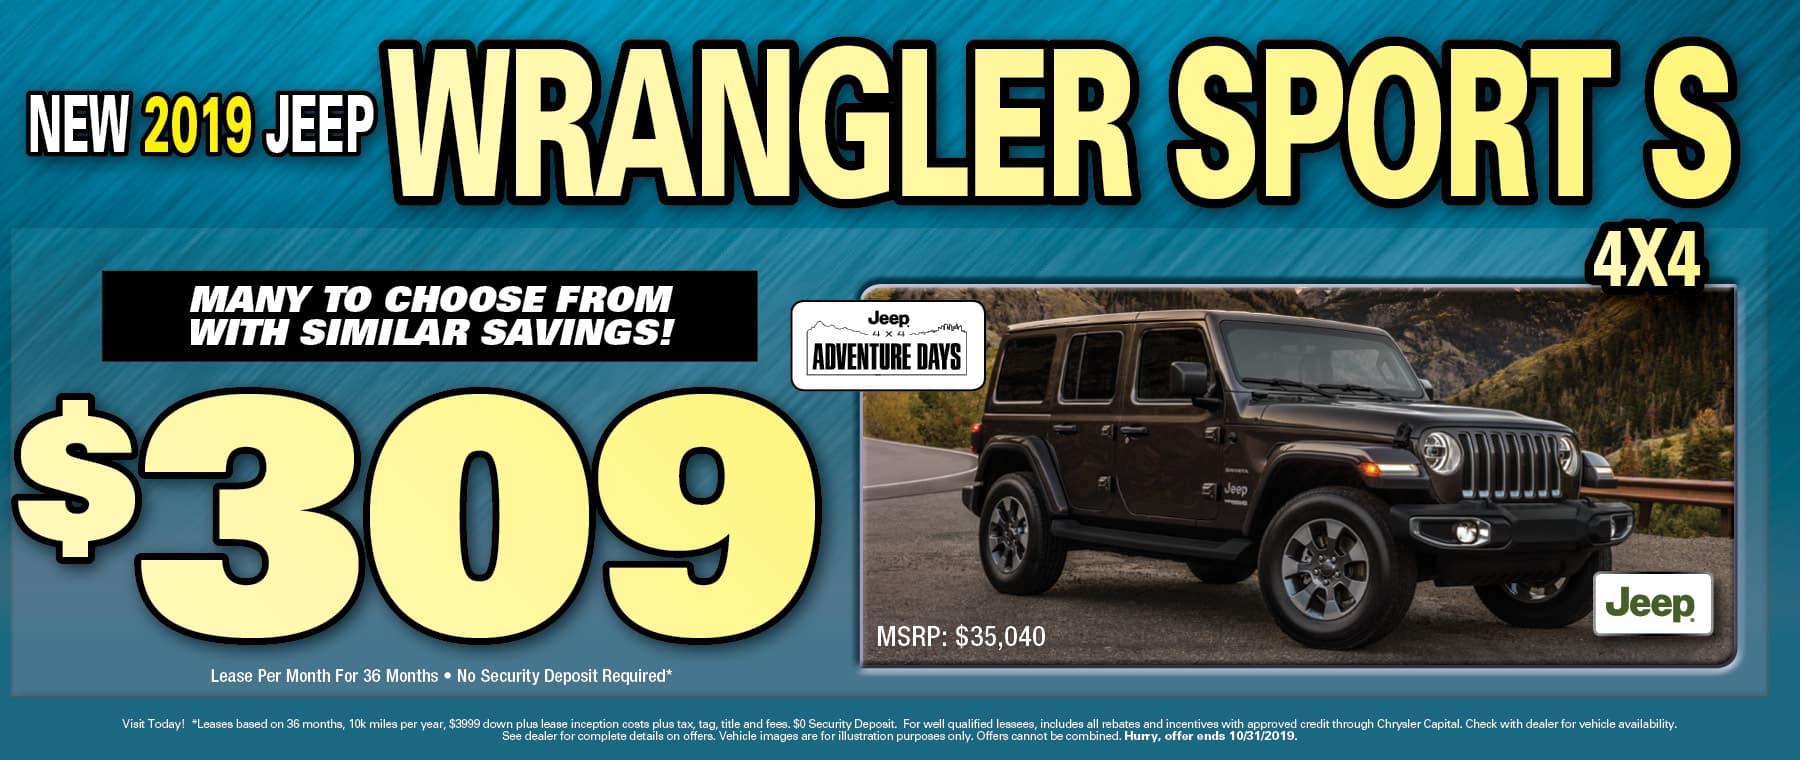 Wrangler $309 Lease